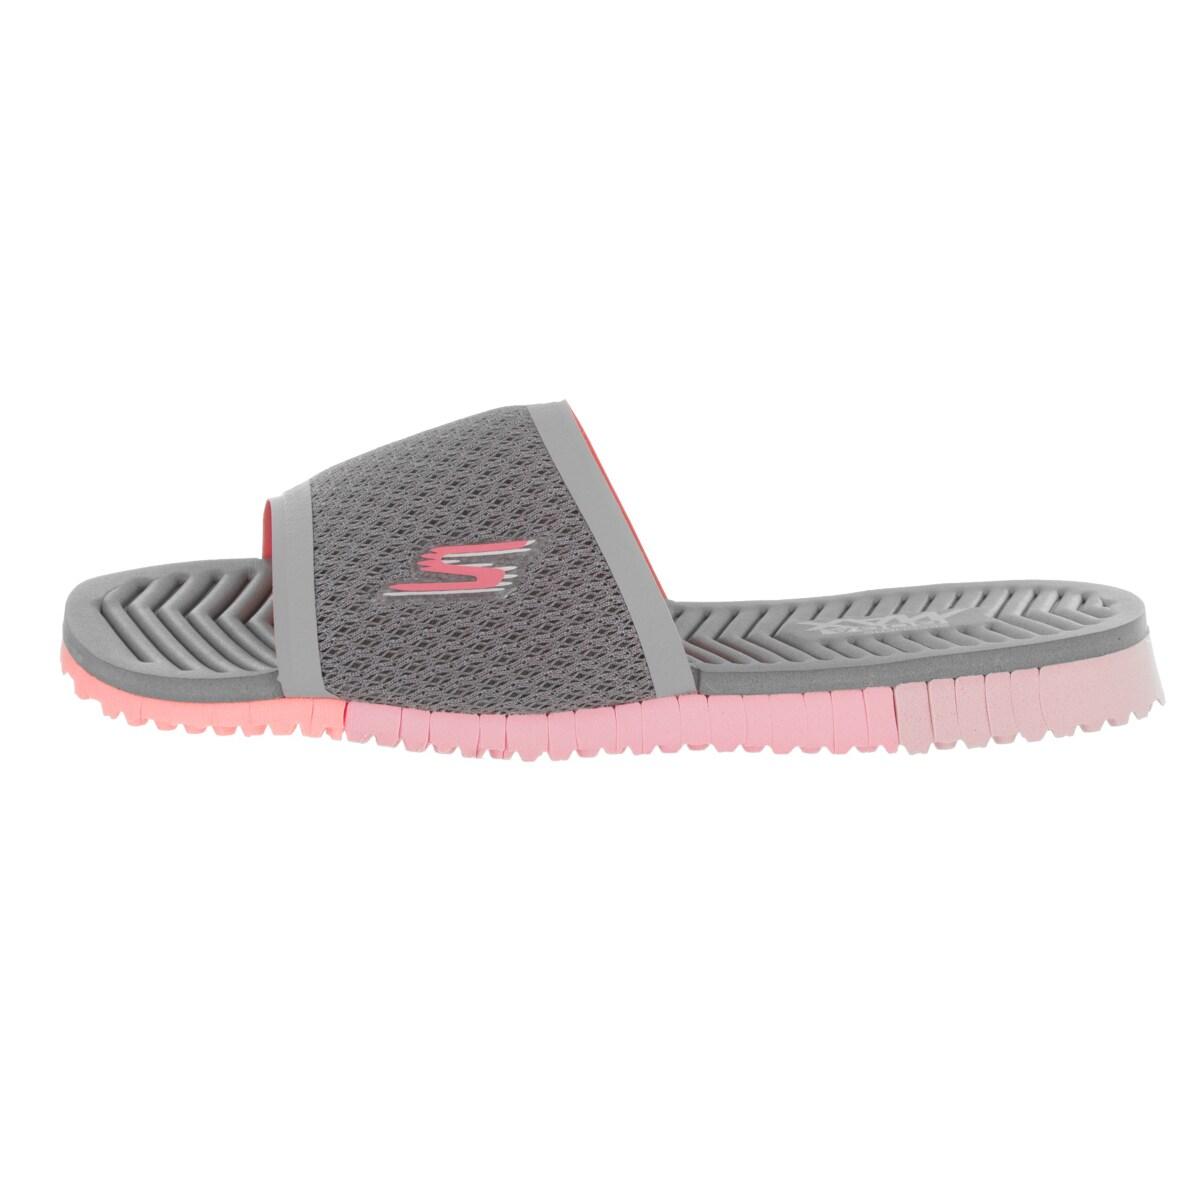 Skechers Go Flex Cheer Womens Slide Sandals GrayPink 6: Buy